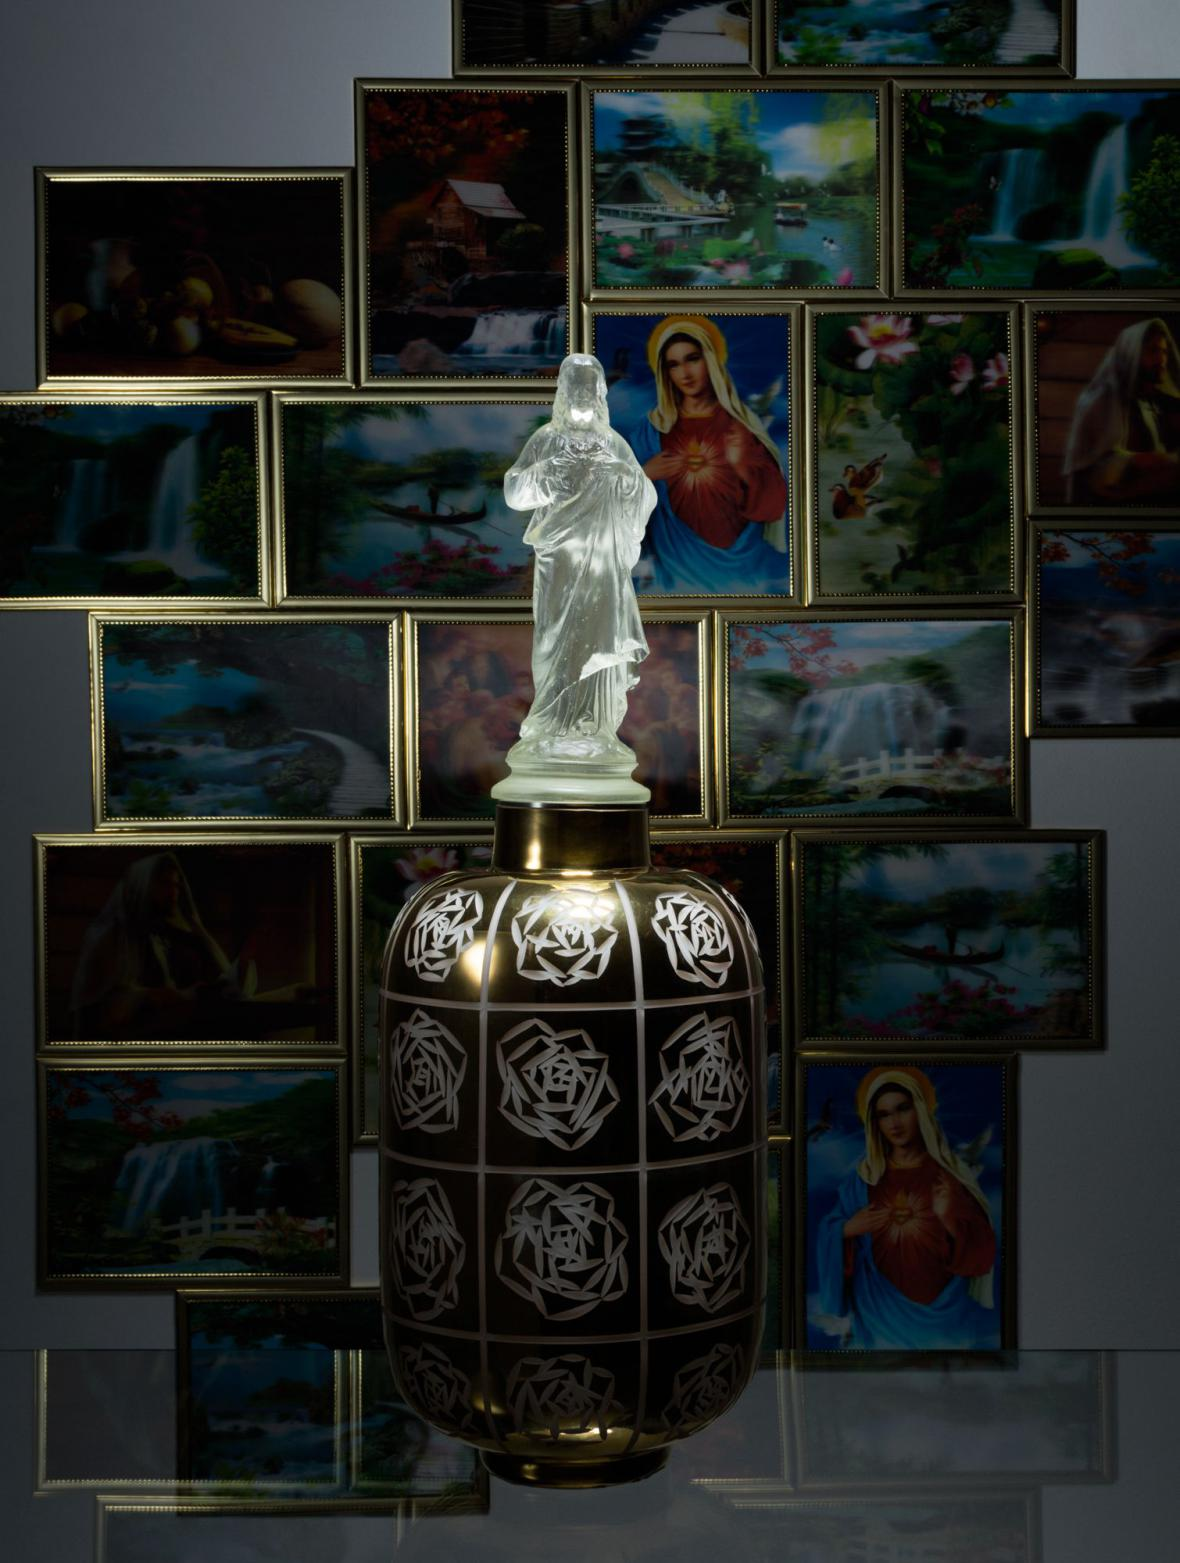 Rony Plesl / Jesus & Roses, 2014